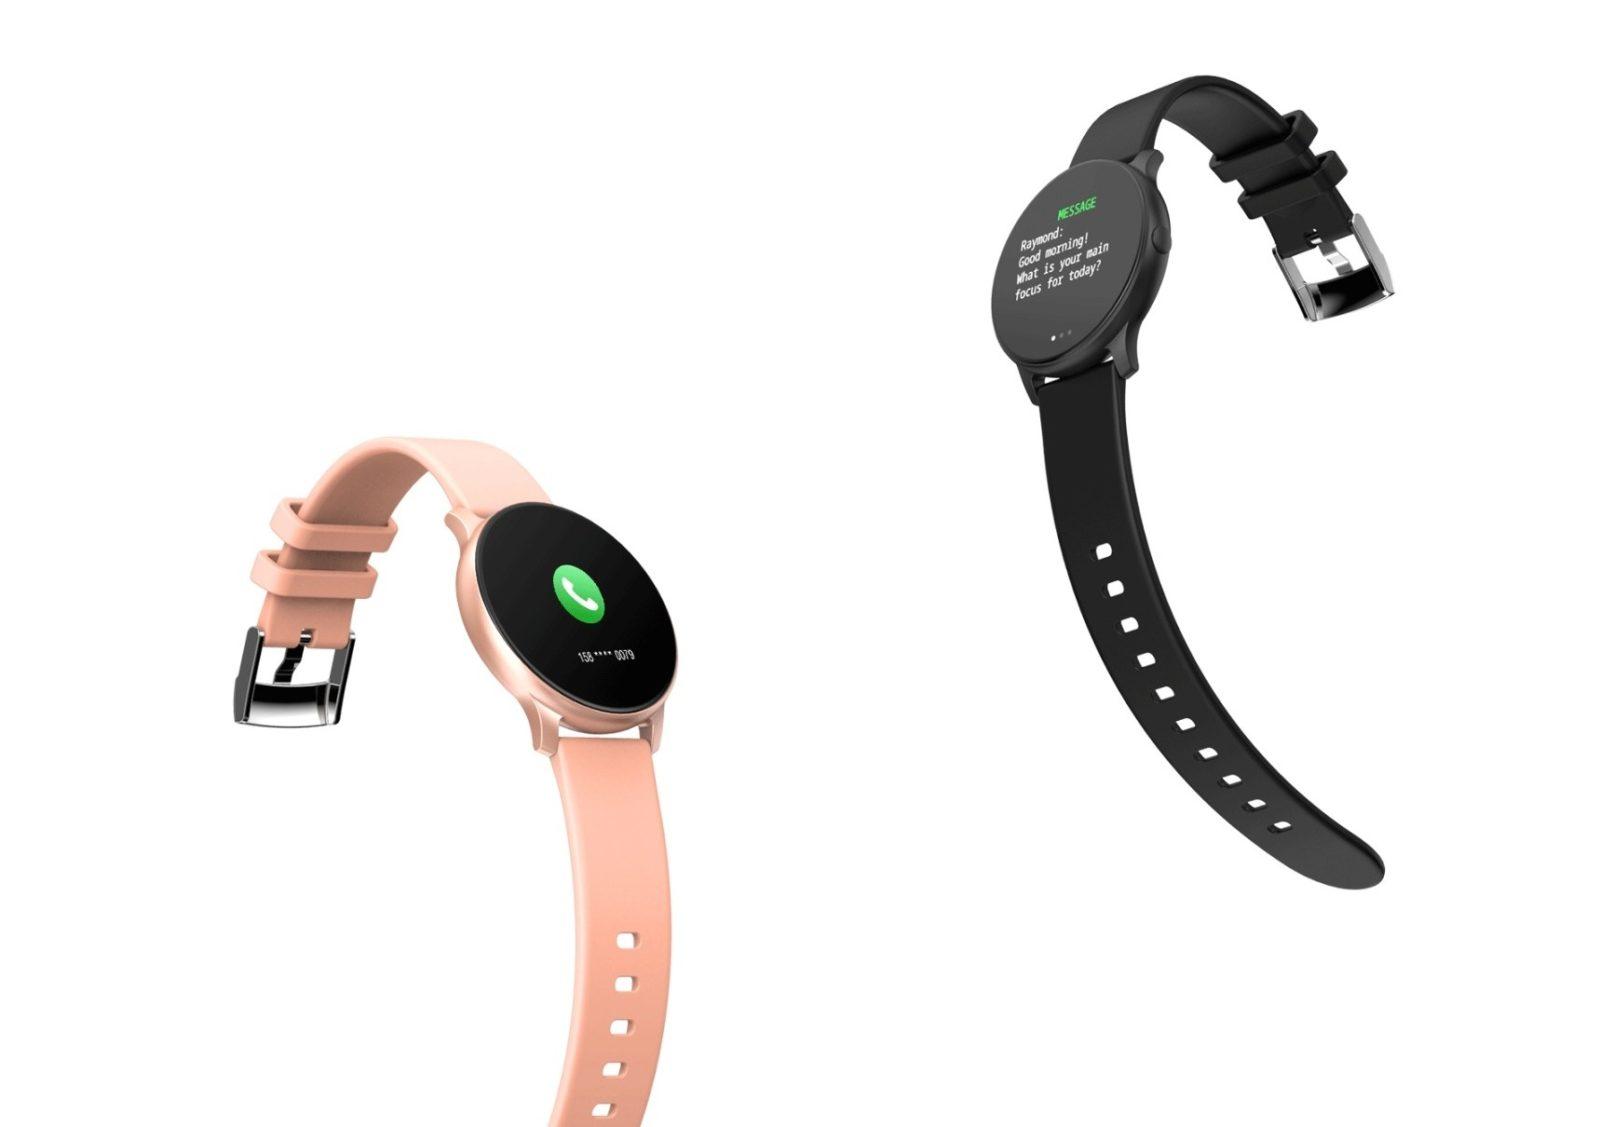 Kospet Magic, lo smartwatch che misura battiti, pressione e ossigeno nel sangue a soli 13,57 euro